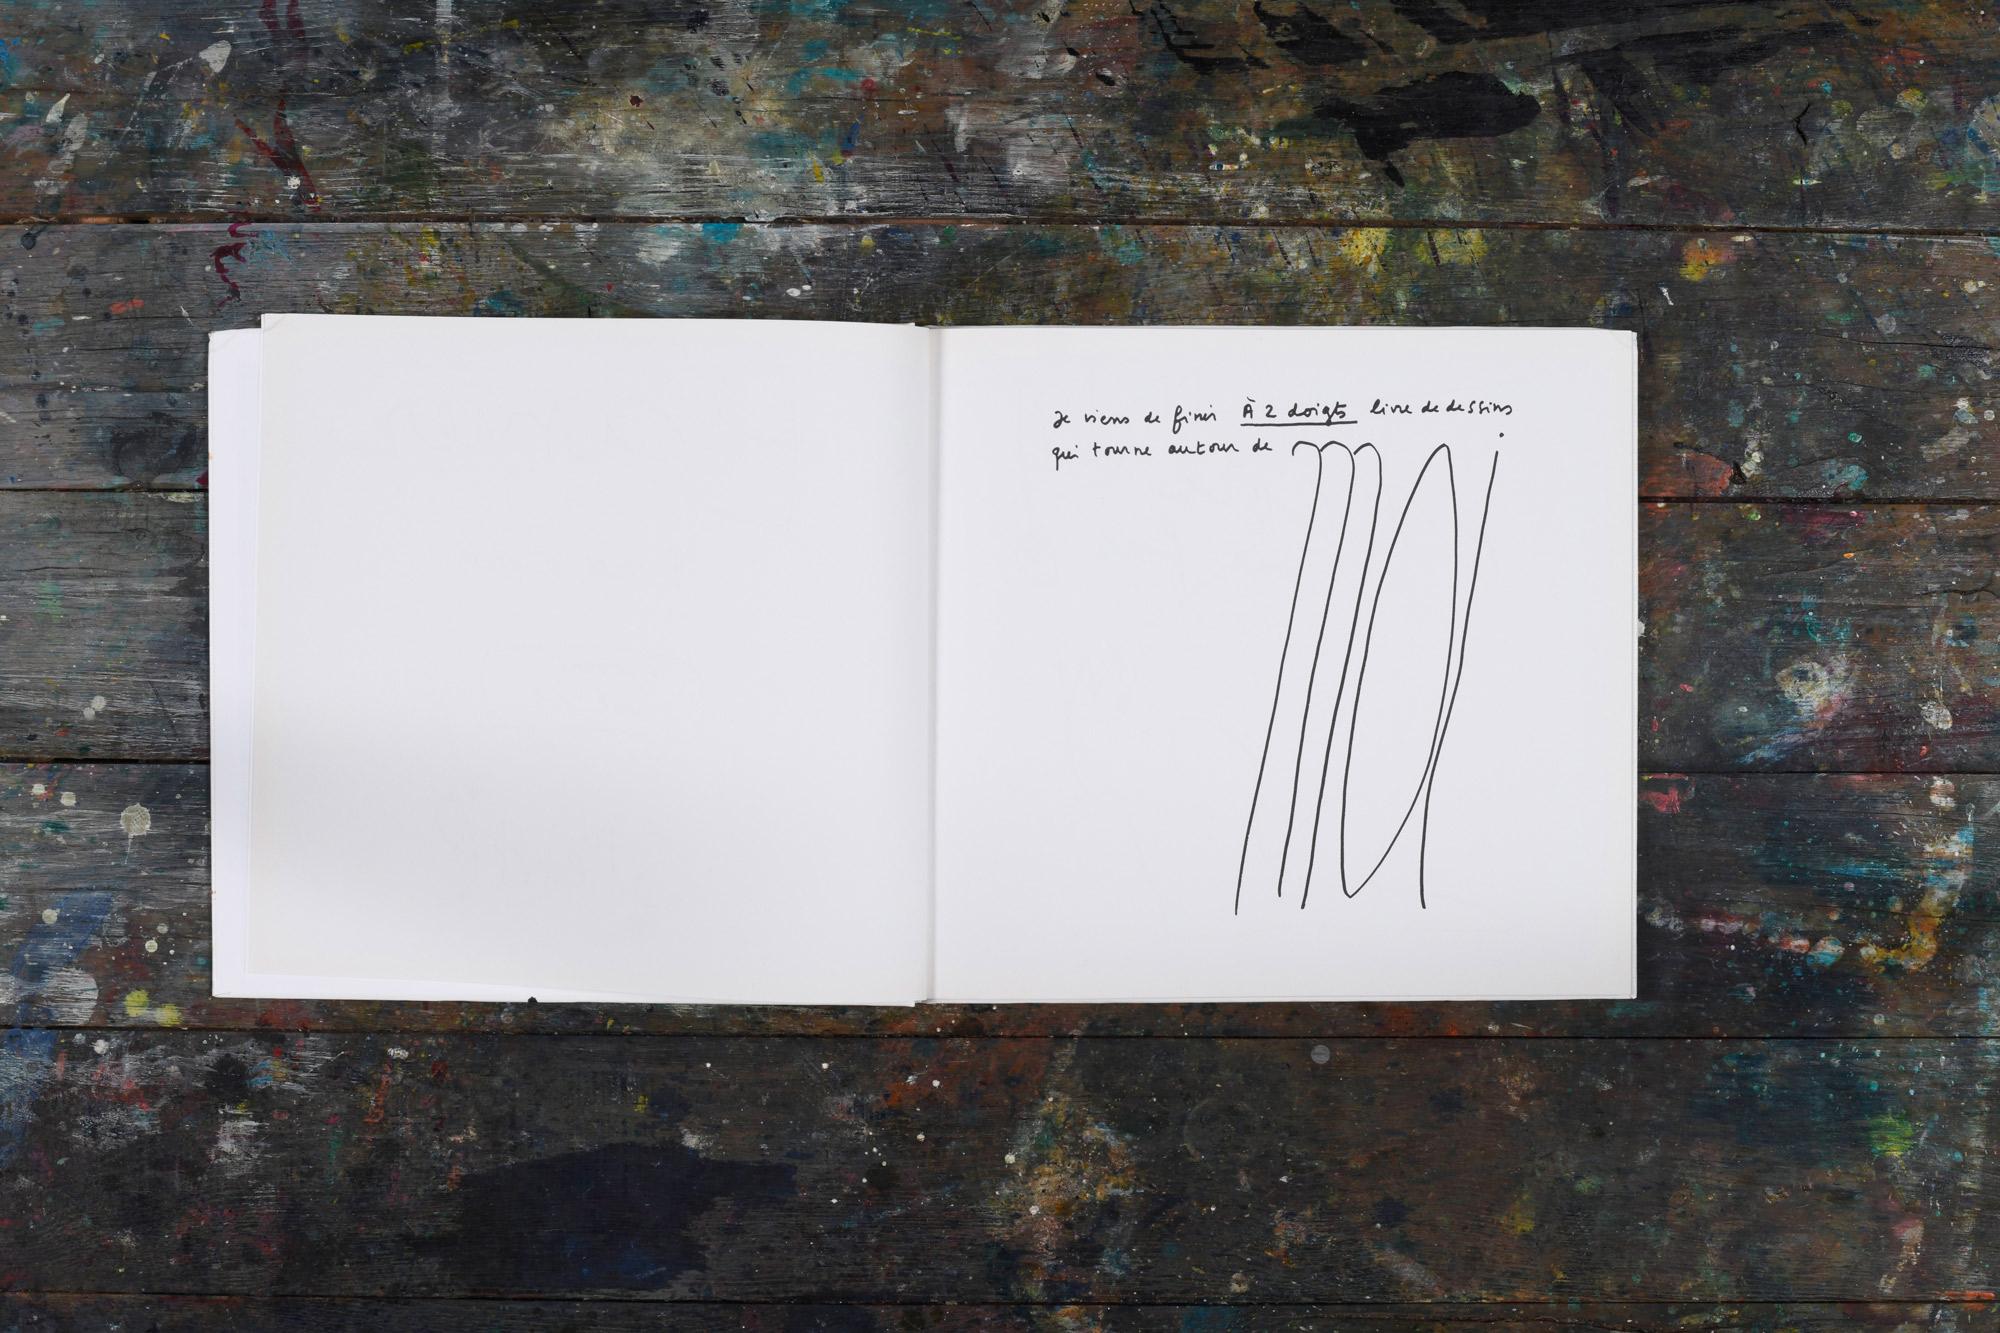 Autocar Volumes 6 to 11 - François-Marie Banier